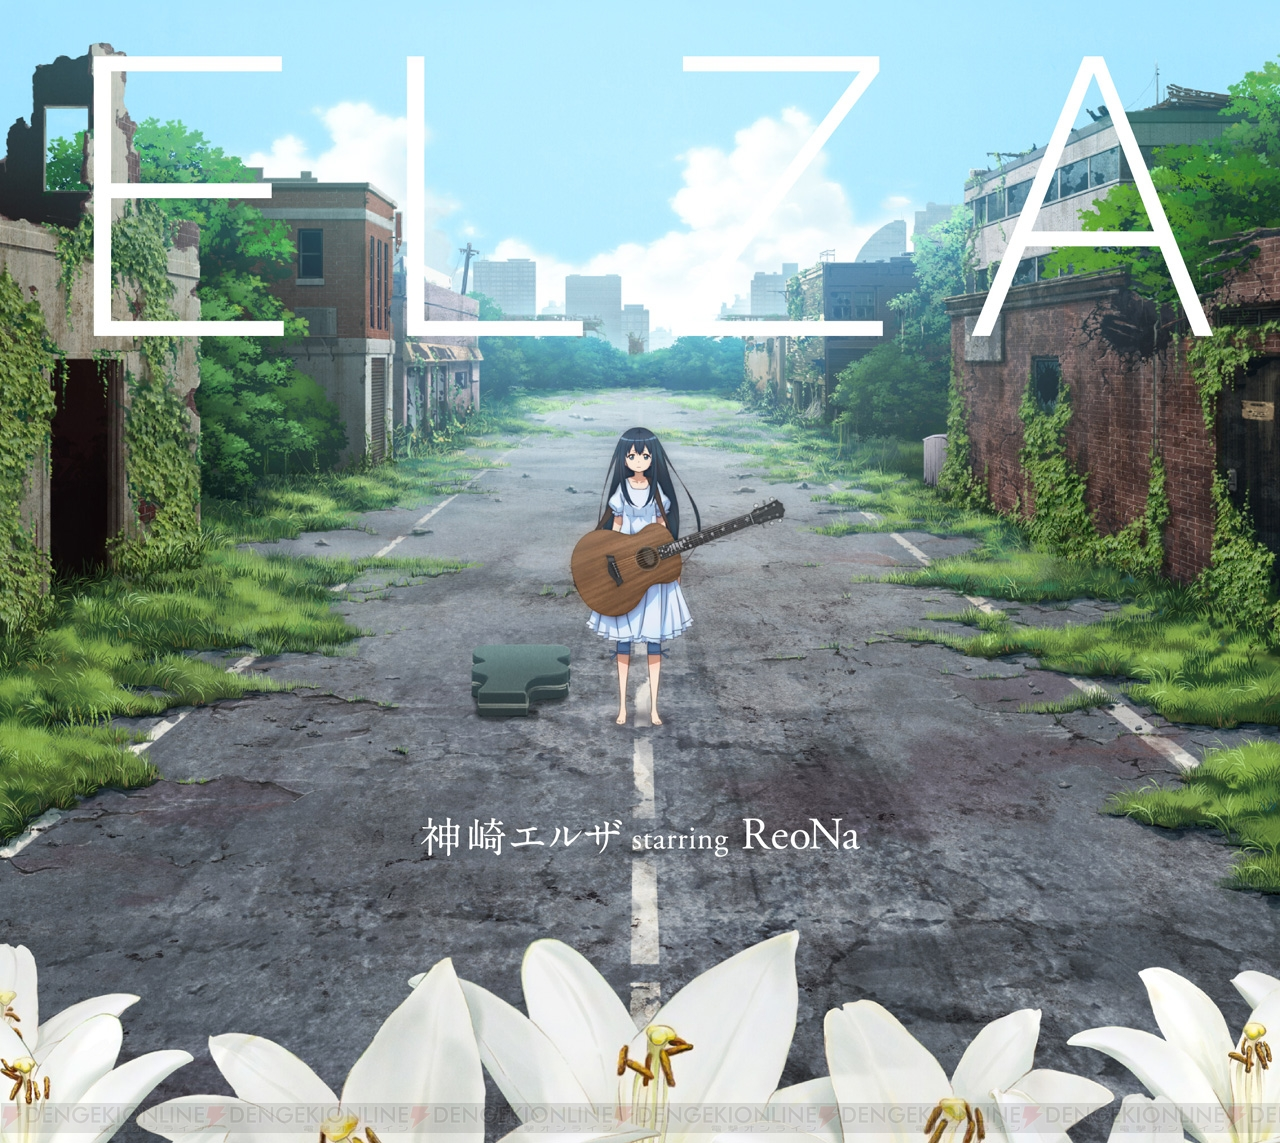 『SAO ガンゲイル・オンライン』劇中歌を収録した神崎エルザのミニアルバムジャケットが公開